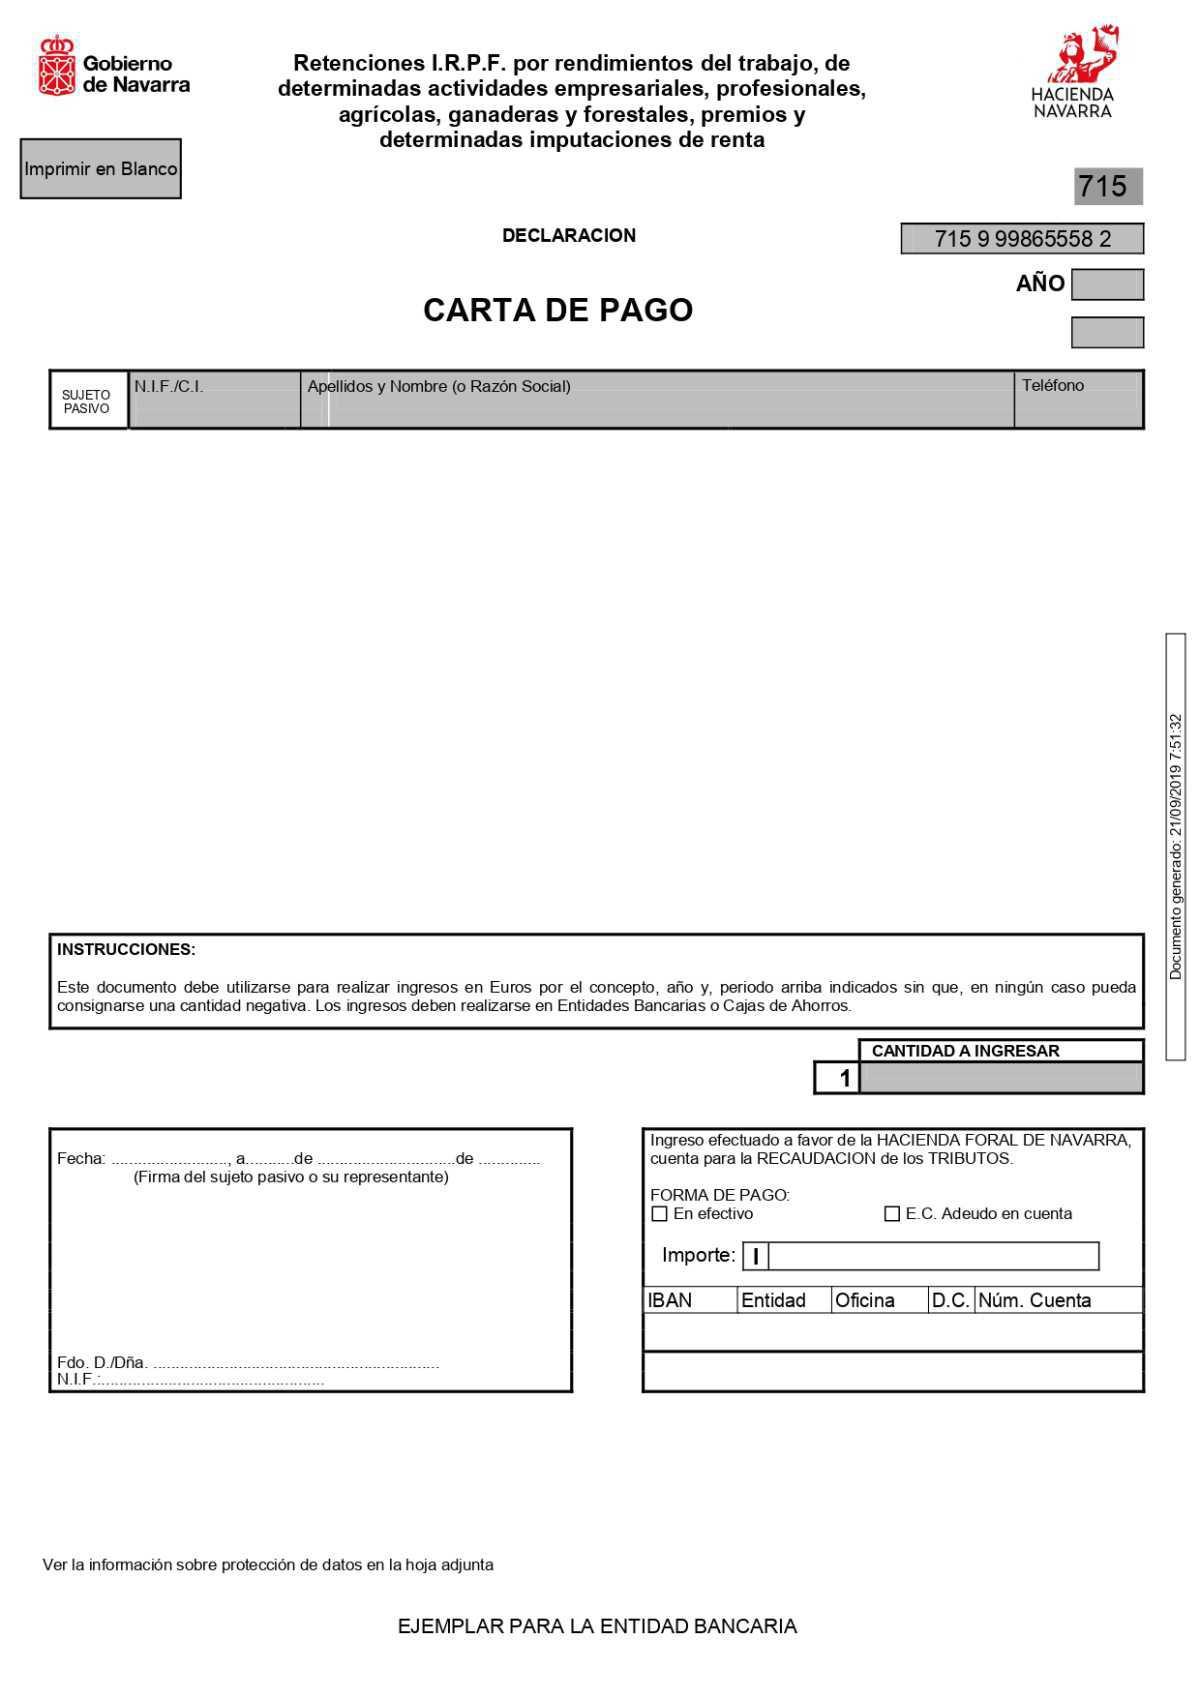 MODELO 715 RETENCIONES NAVARRA